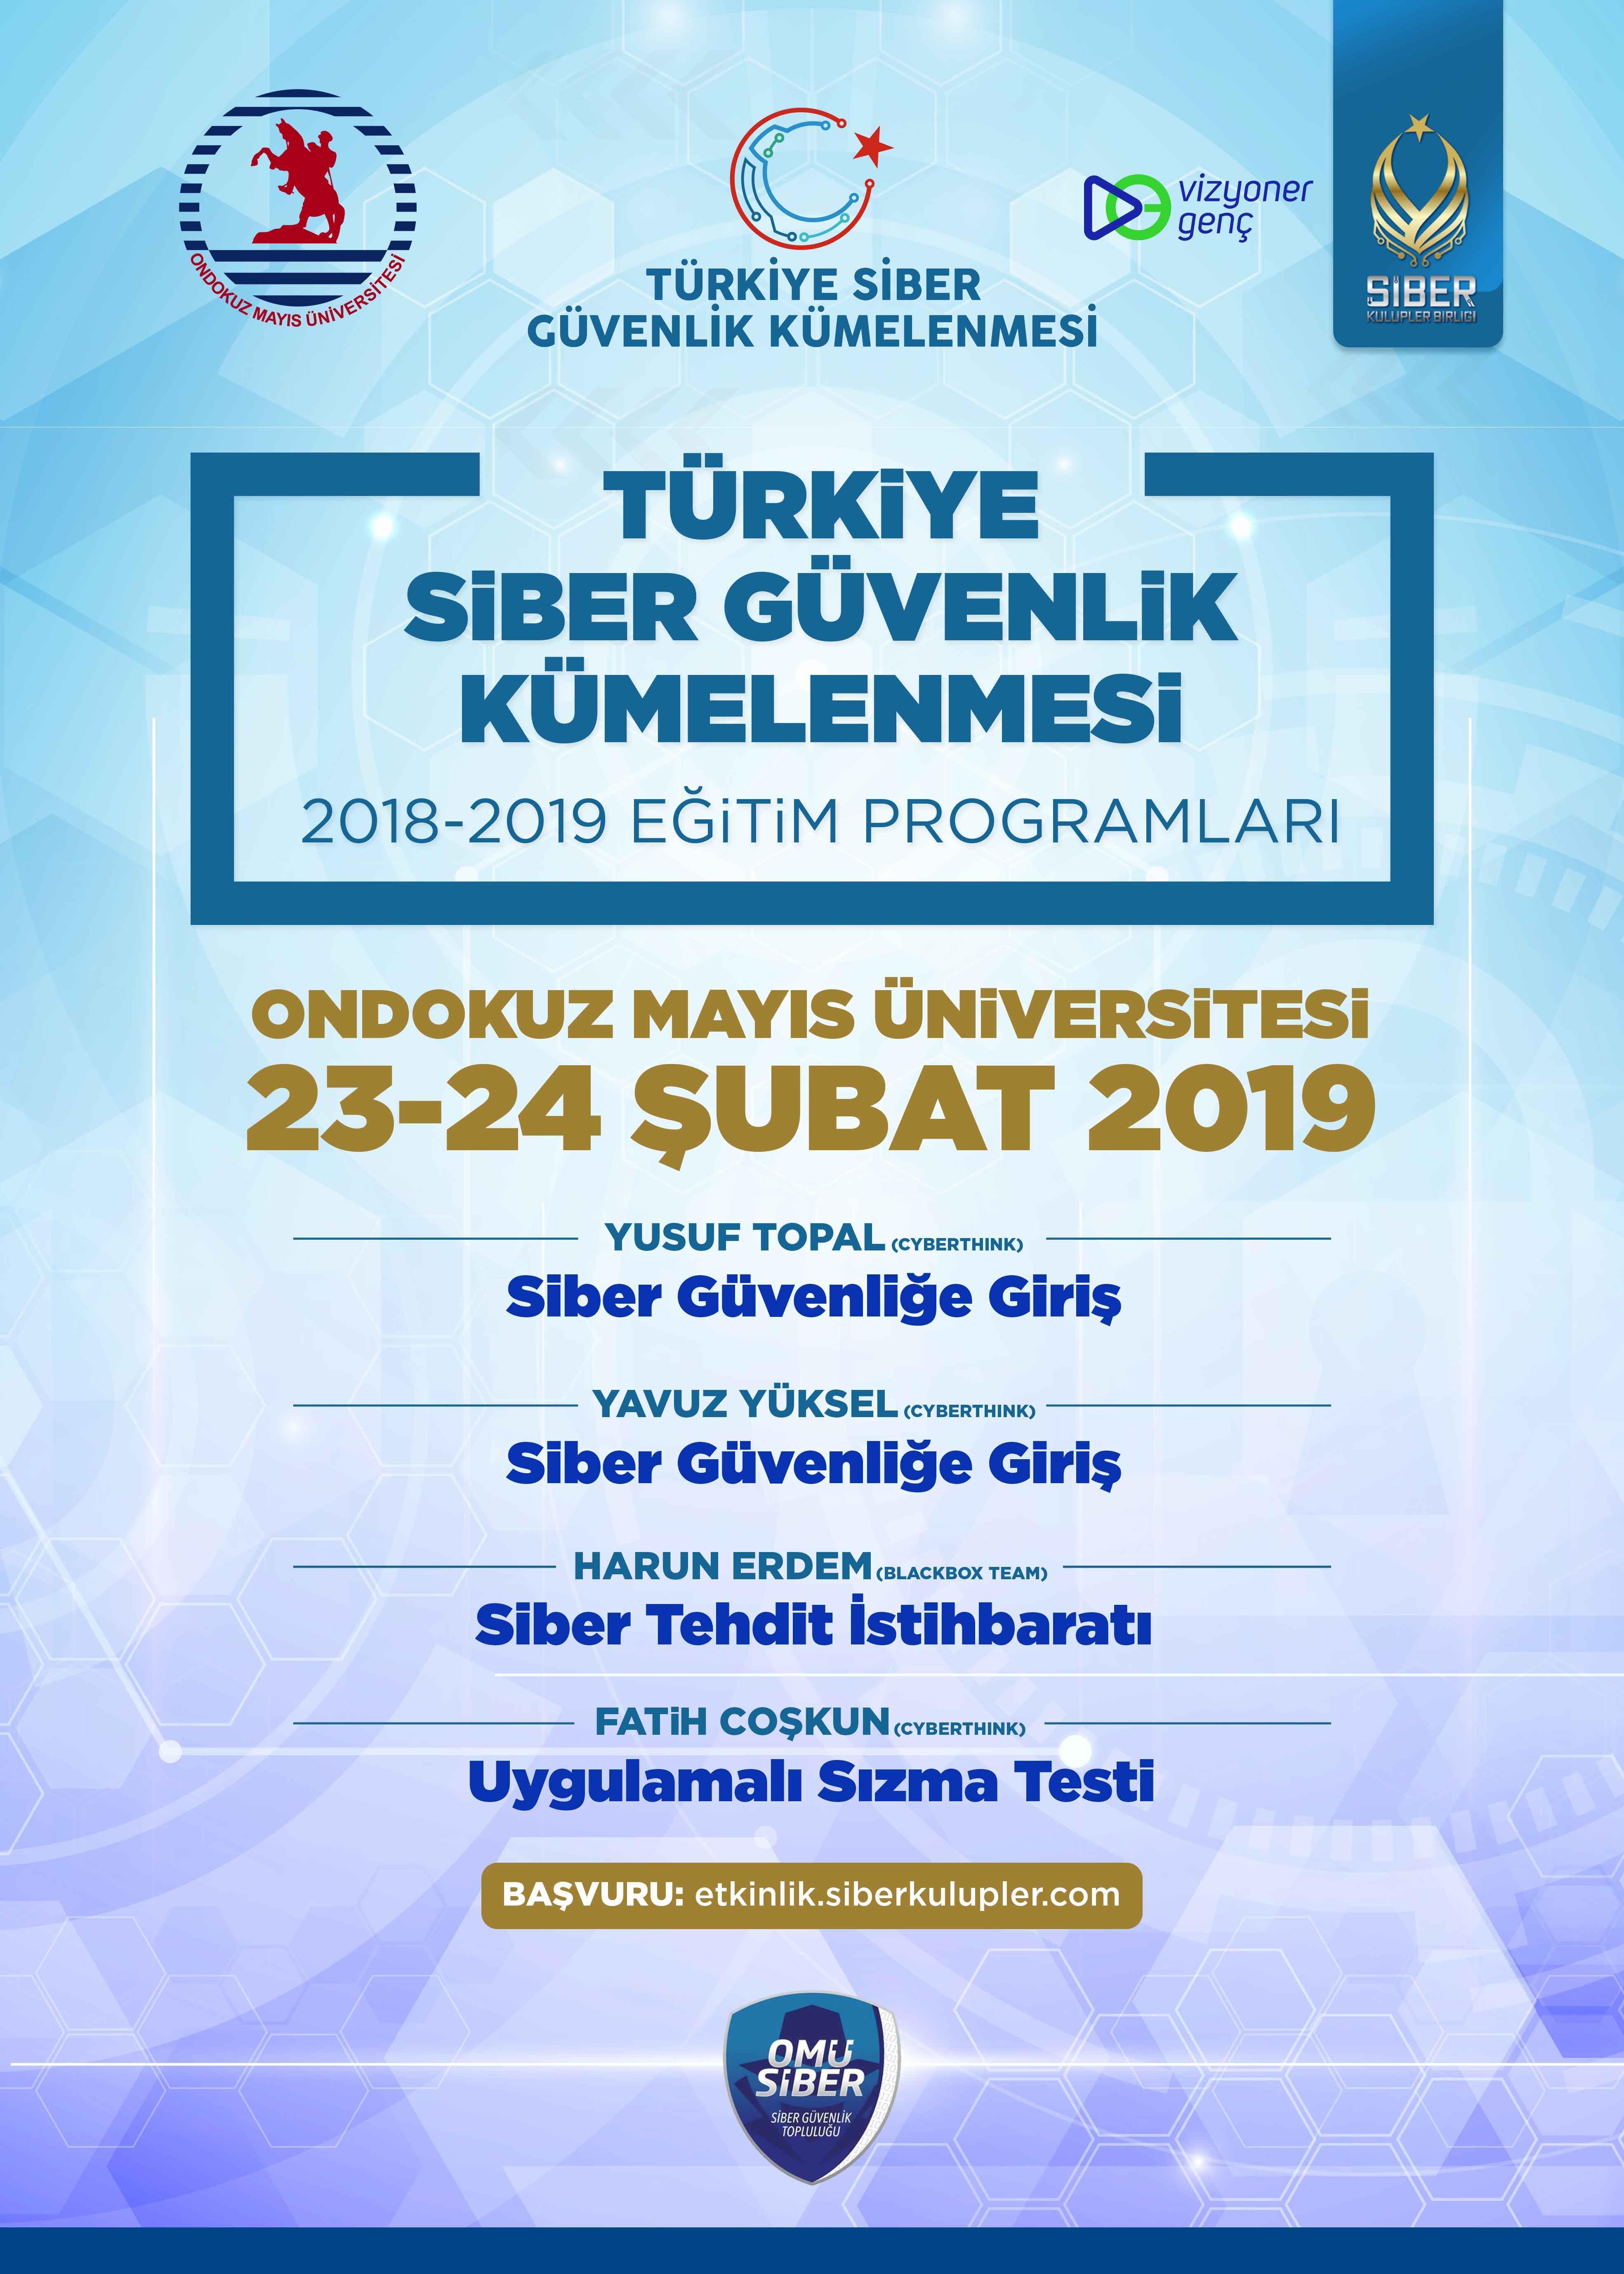 Türkiye Siber Güvenlik Kümelenmesi 2018- 2019 Eğitim Programları: Ondokuz Mayıs Üniversitesi Eğitimleri